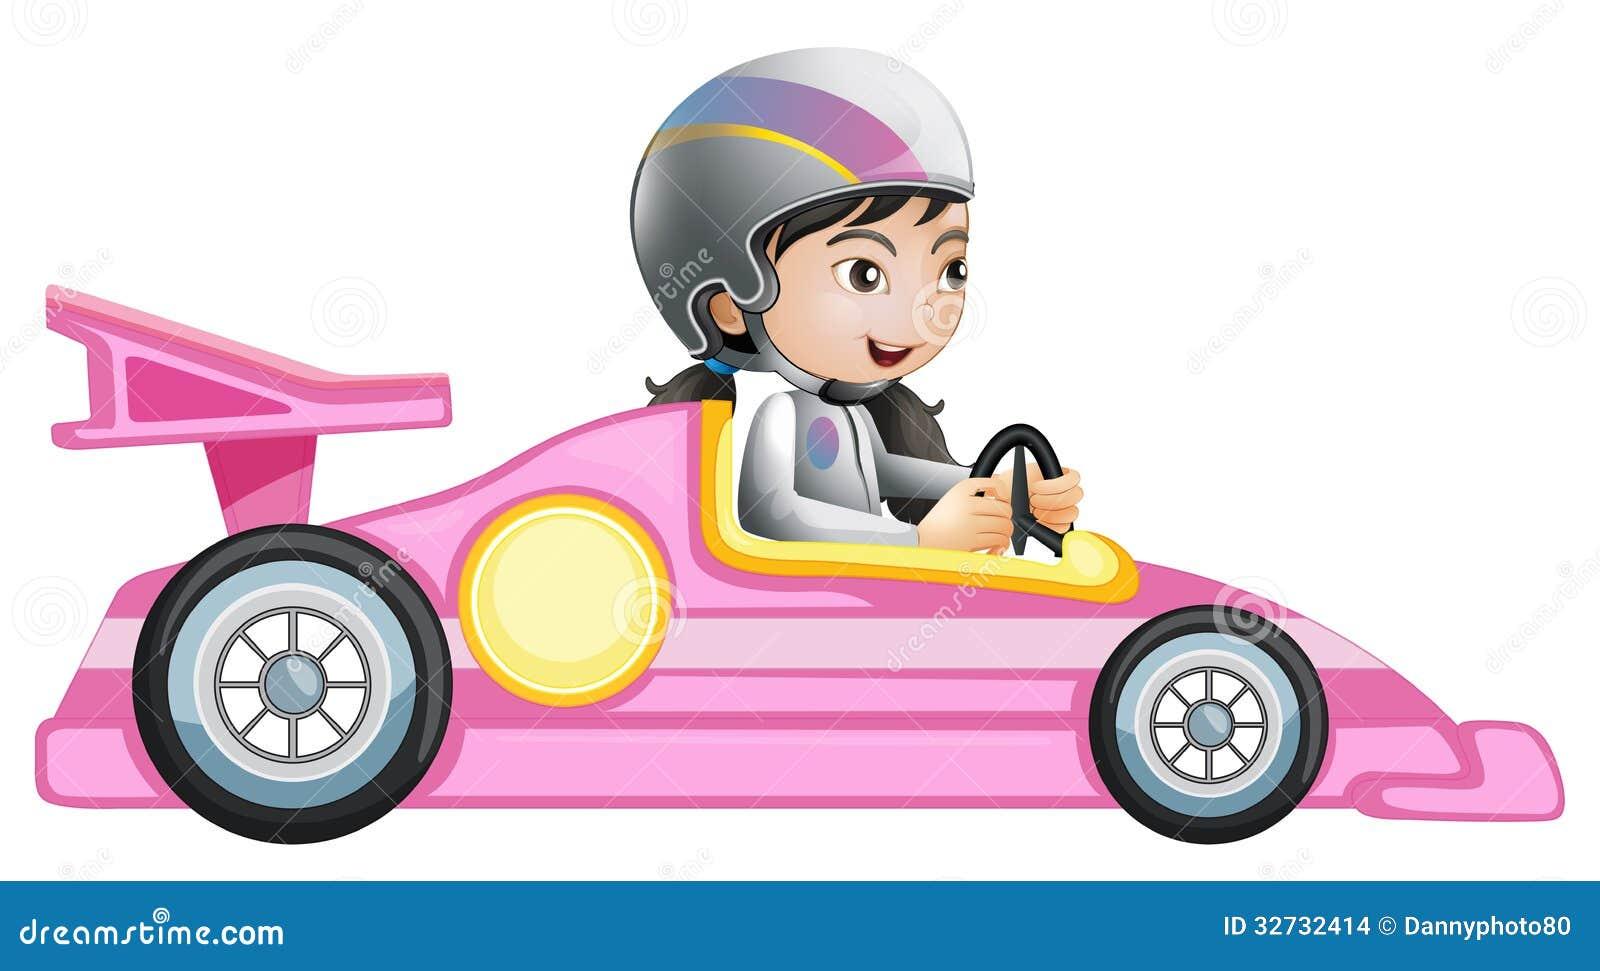 Een Meisje Die In Een Roze Raceauto Berijden Stock ...